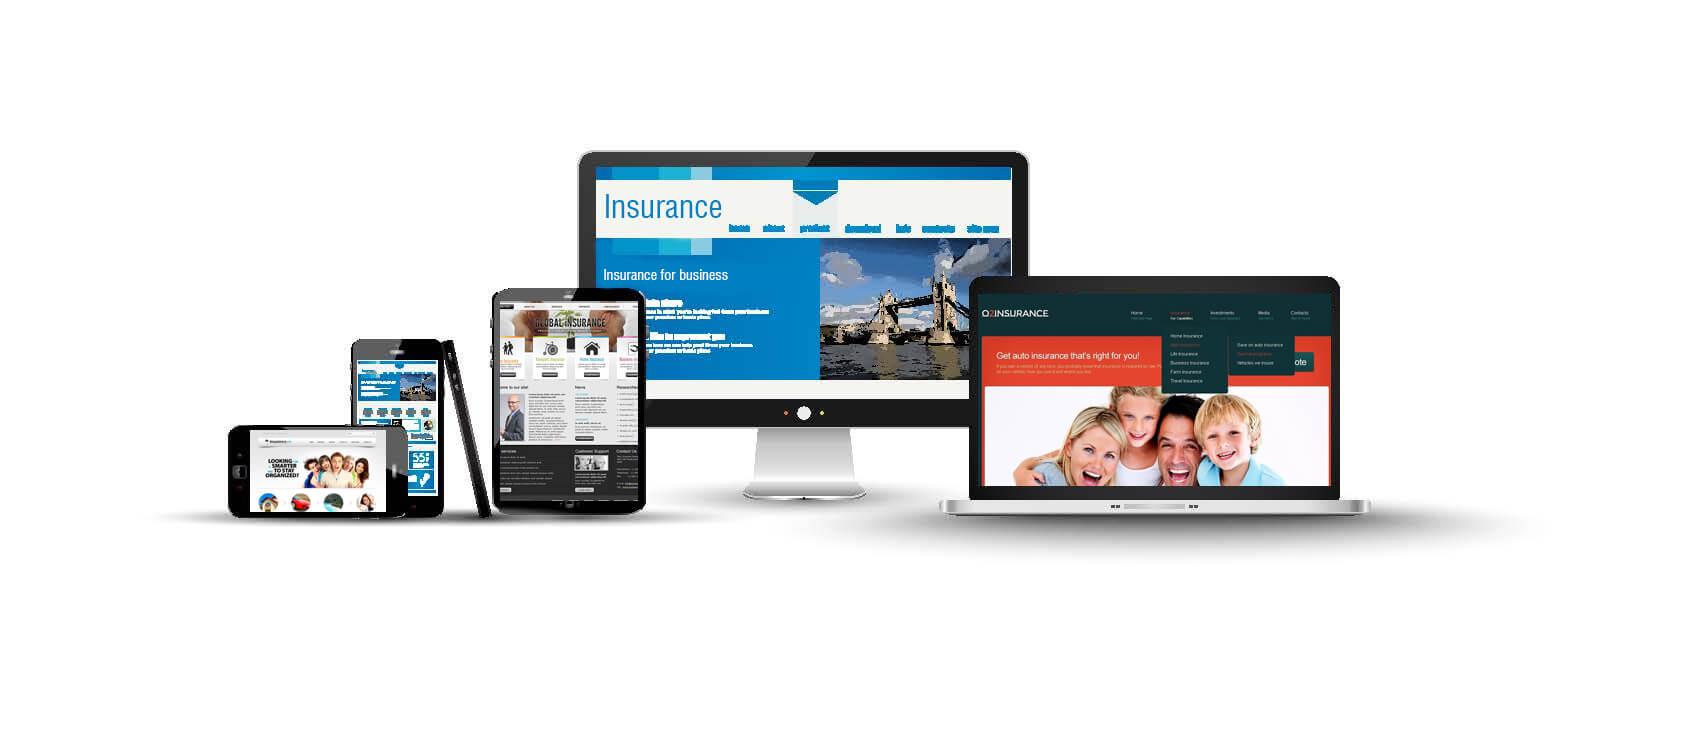 B2C Portal